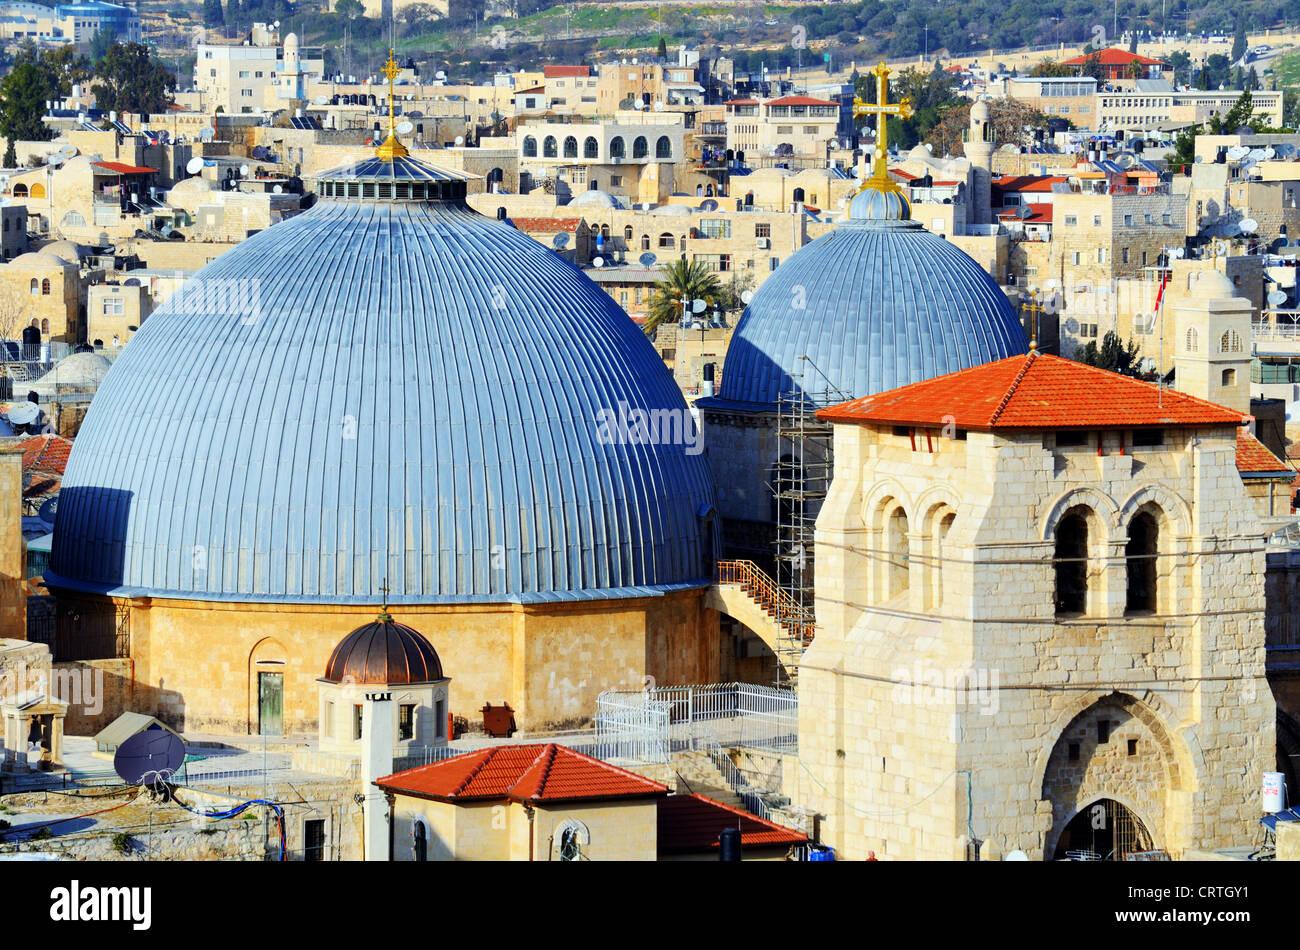 Coupole du dôme de l'église du Saint Sépulcre à Jérusalem, Israël Photo Stock